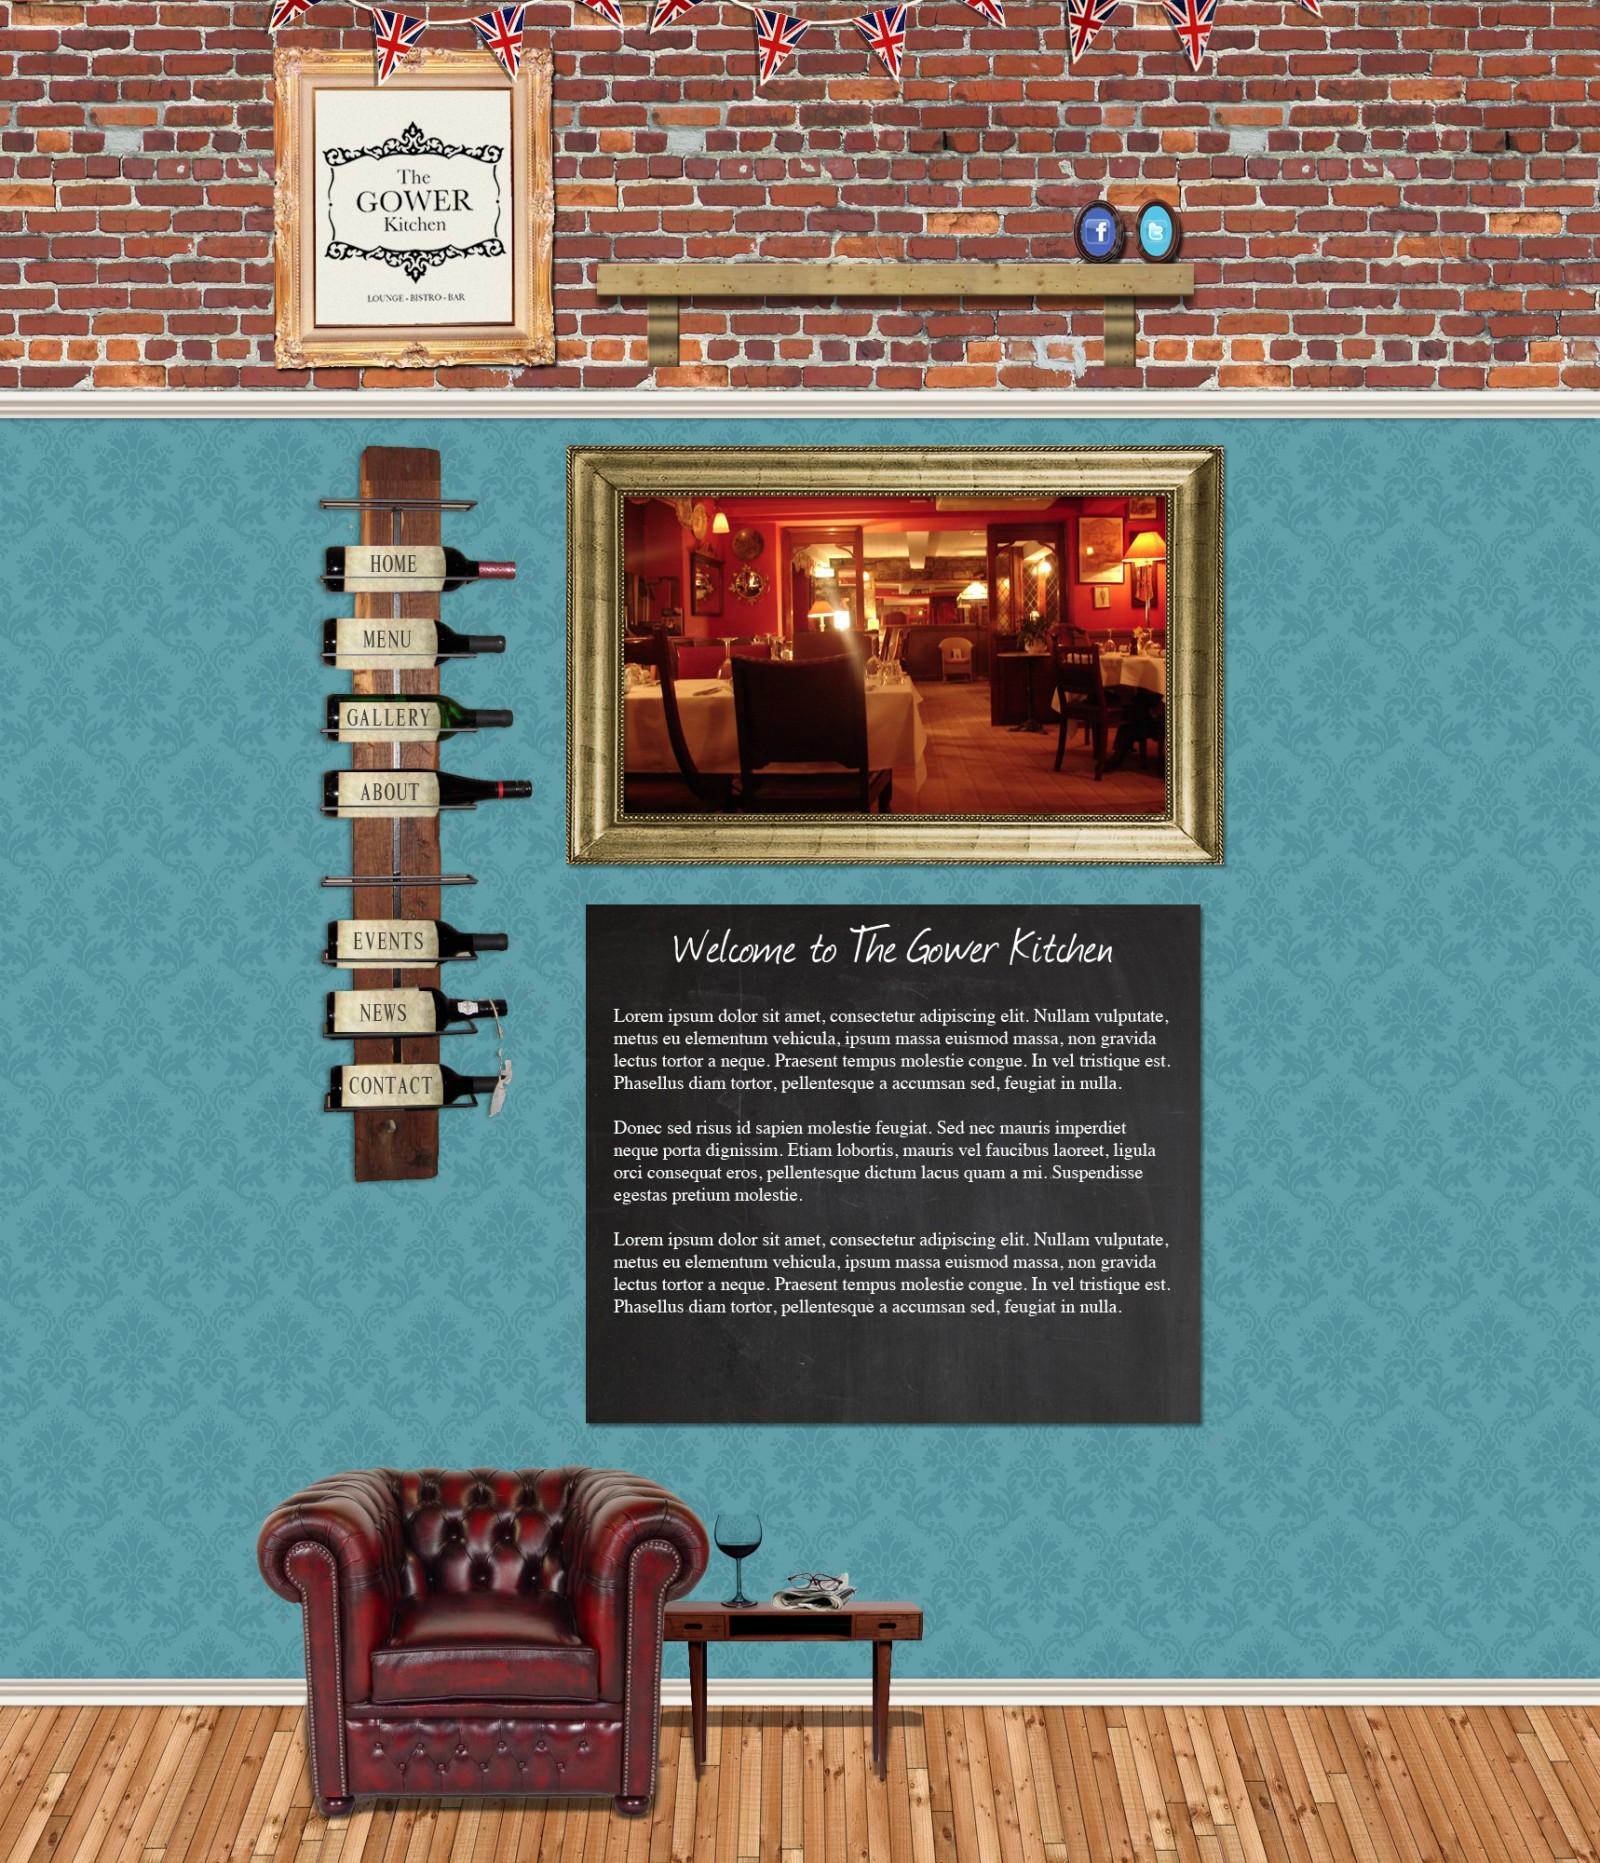 Gower Kitchen Website